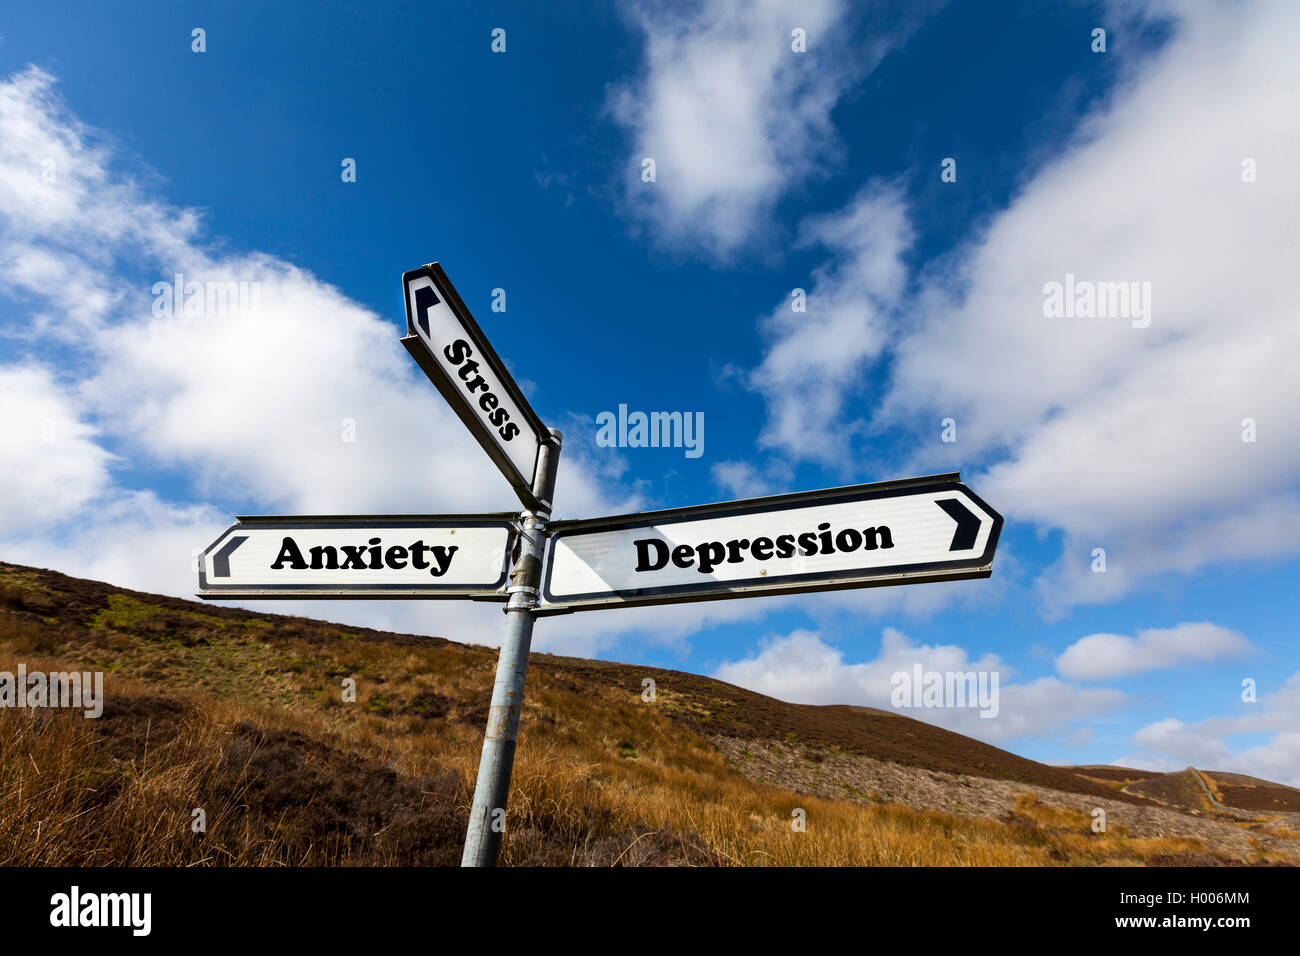 Depressione Stress ansia problema di salute mentale problemi concetto cartello stradale scelta scegli la vita direzione Immagini Stock